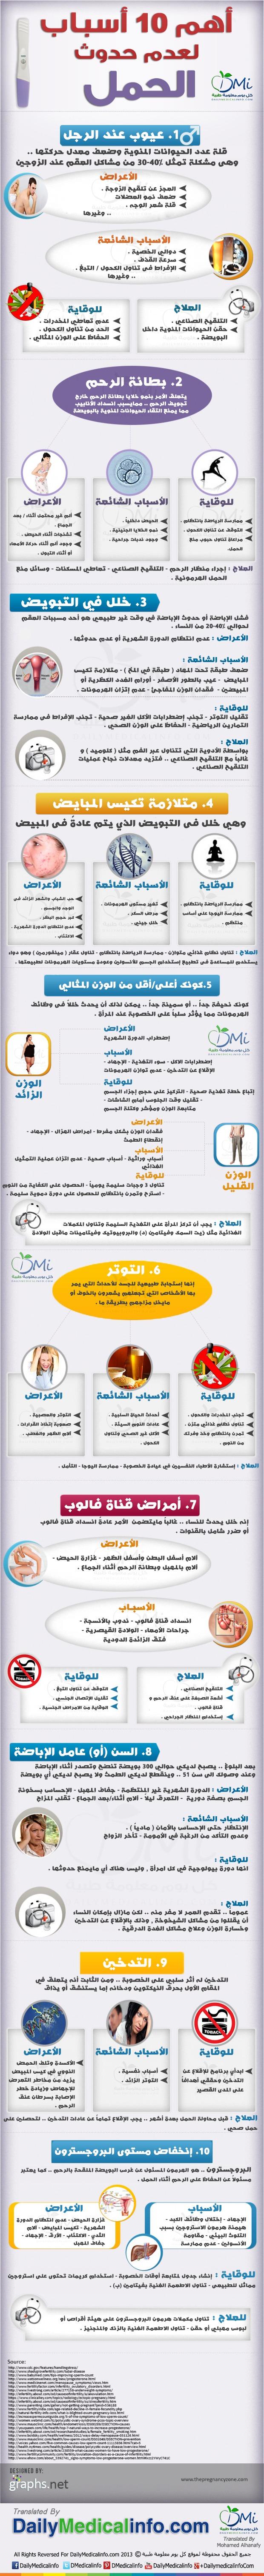 انفوجرافيك المعوقات الـ 10 التى تمنعك من الحمل انفوجرافيك طبية كل يوم معلومة طبية Bbq Guide Infographic Bbq